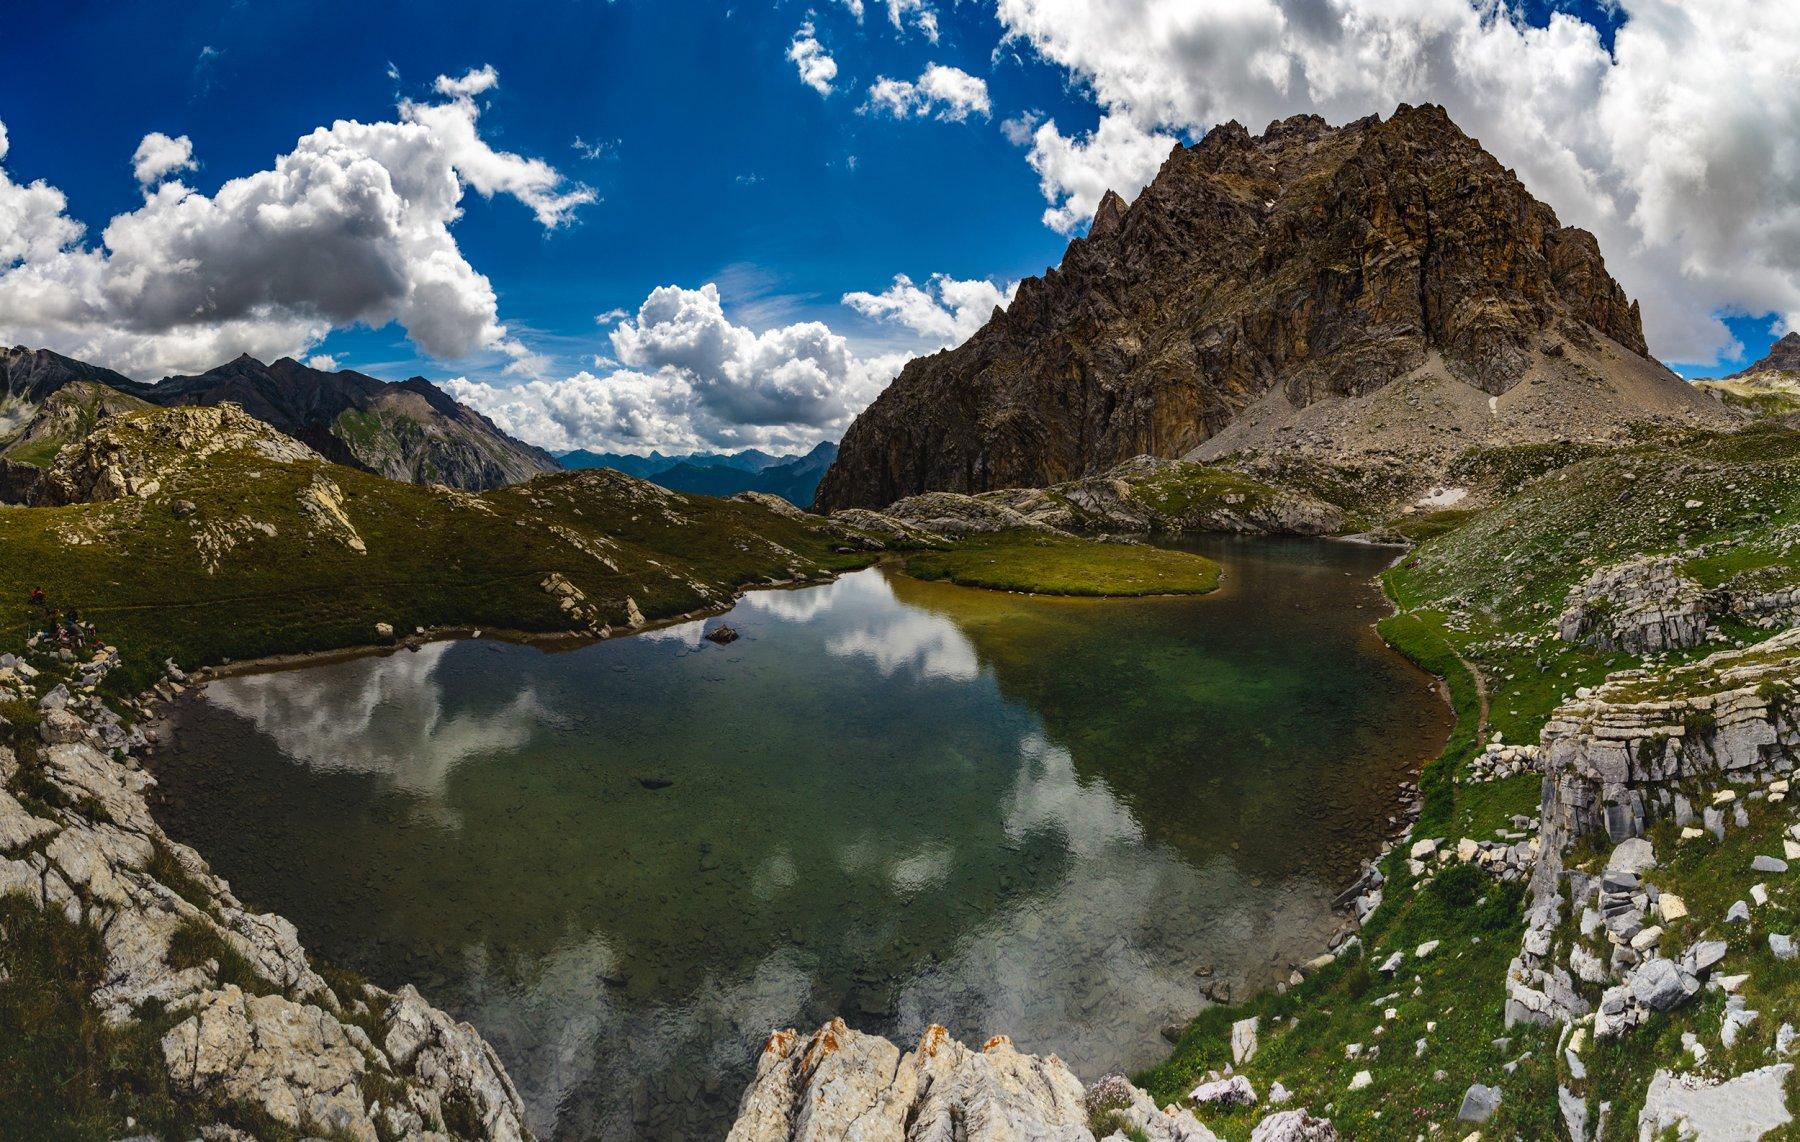 Niera (Lago della) da Chiappera 2018-07-22